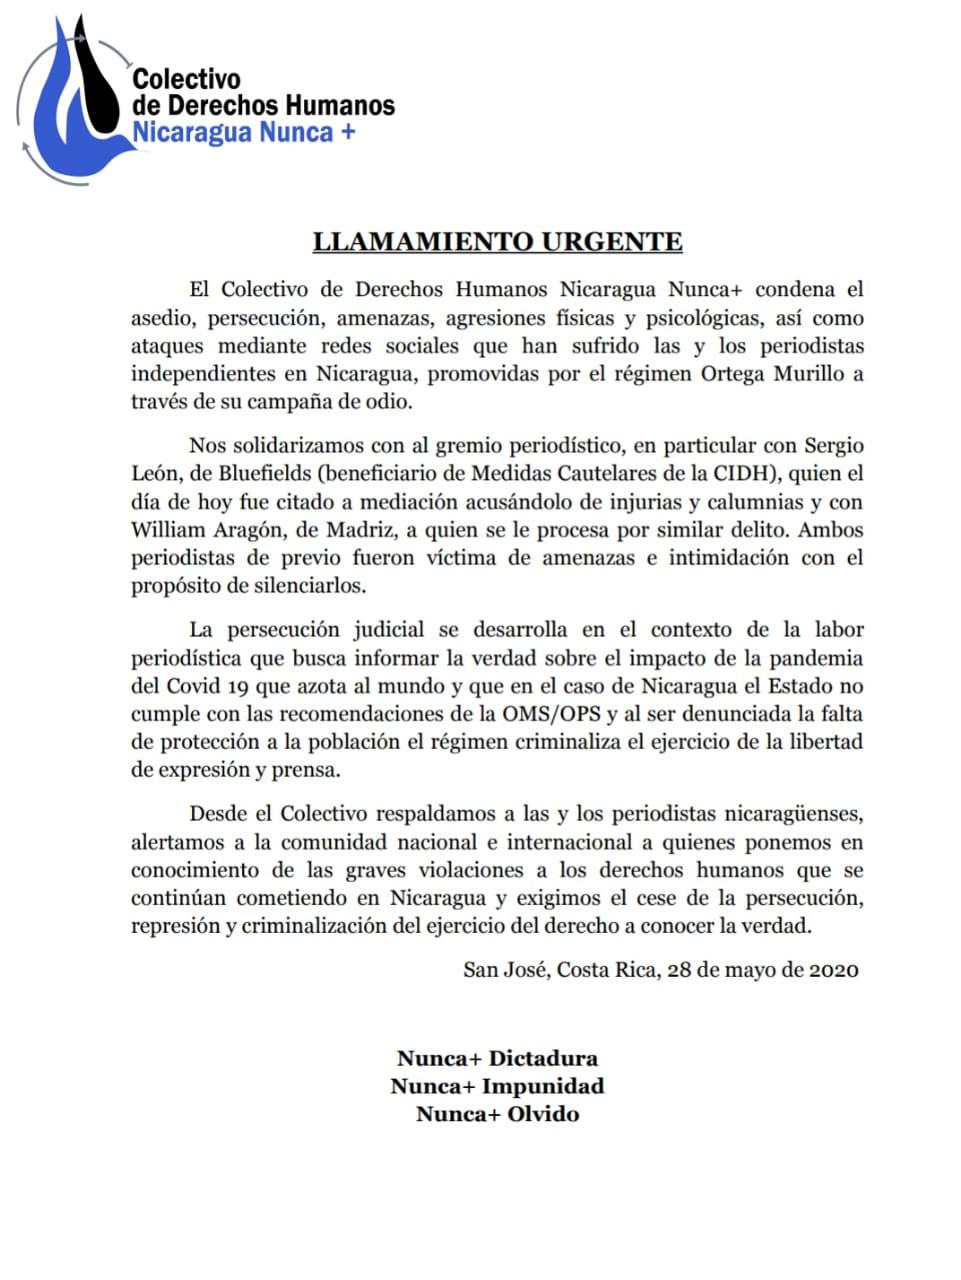 Pronunciamiento en apoyo a periodistas independientes de Nicaragua